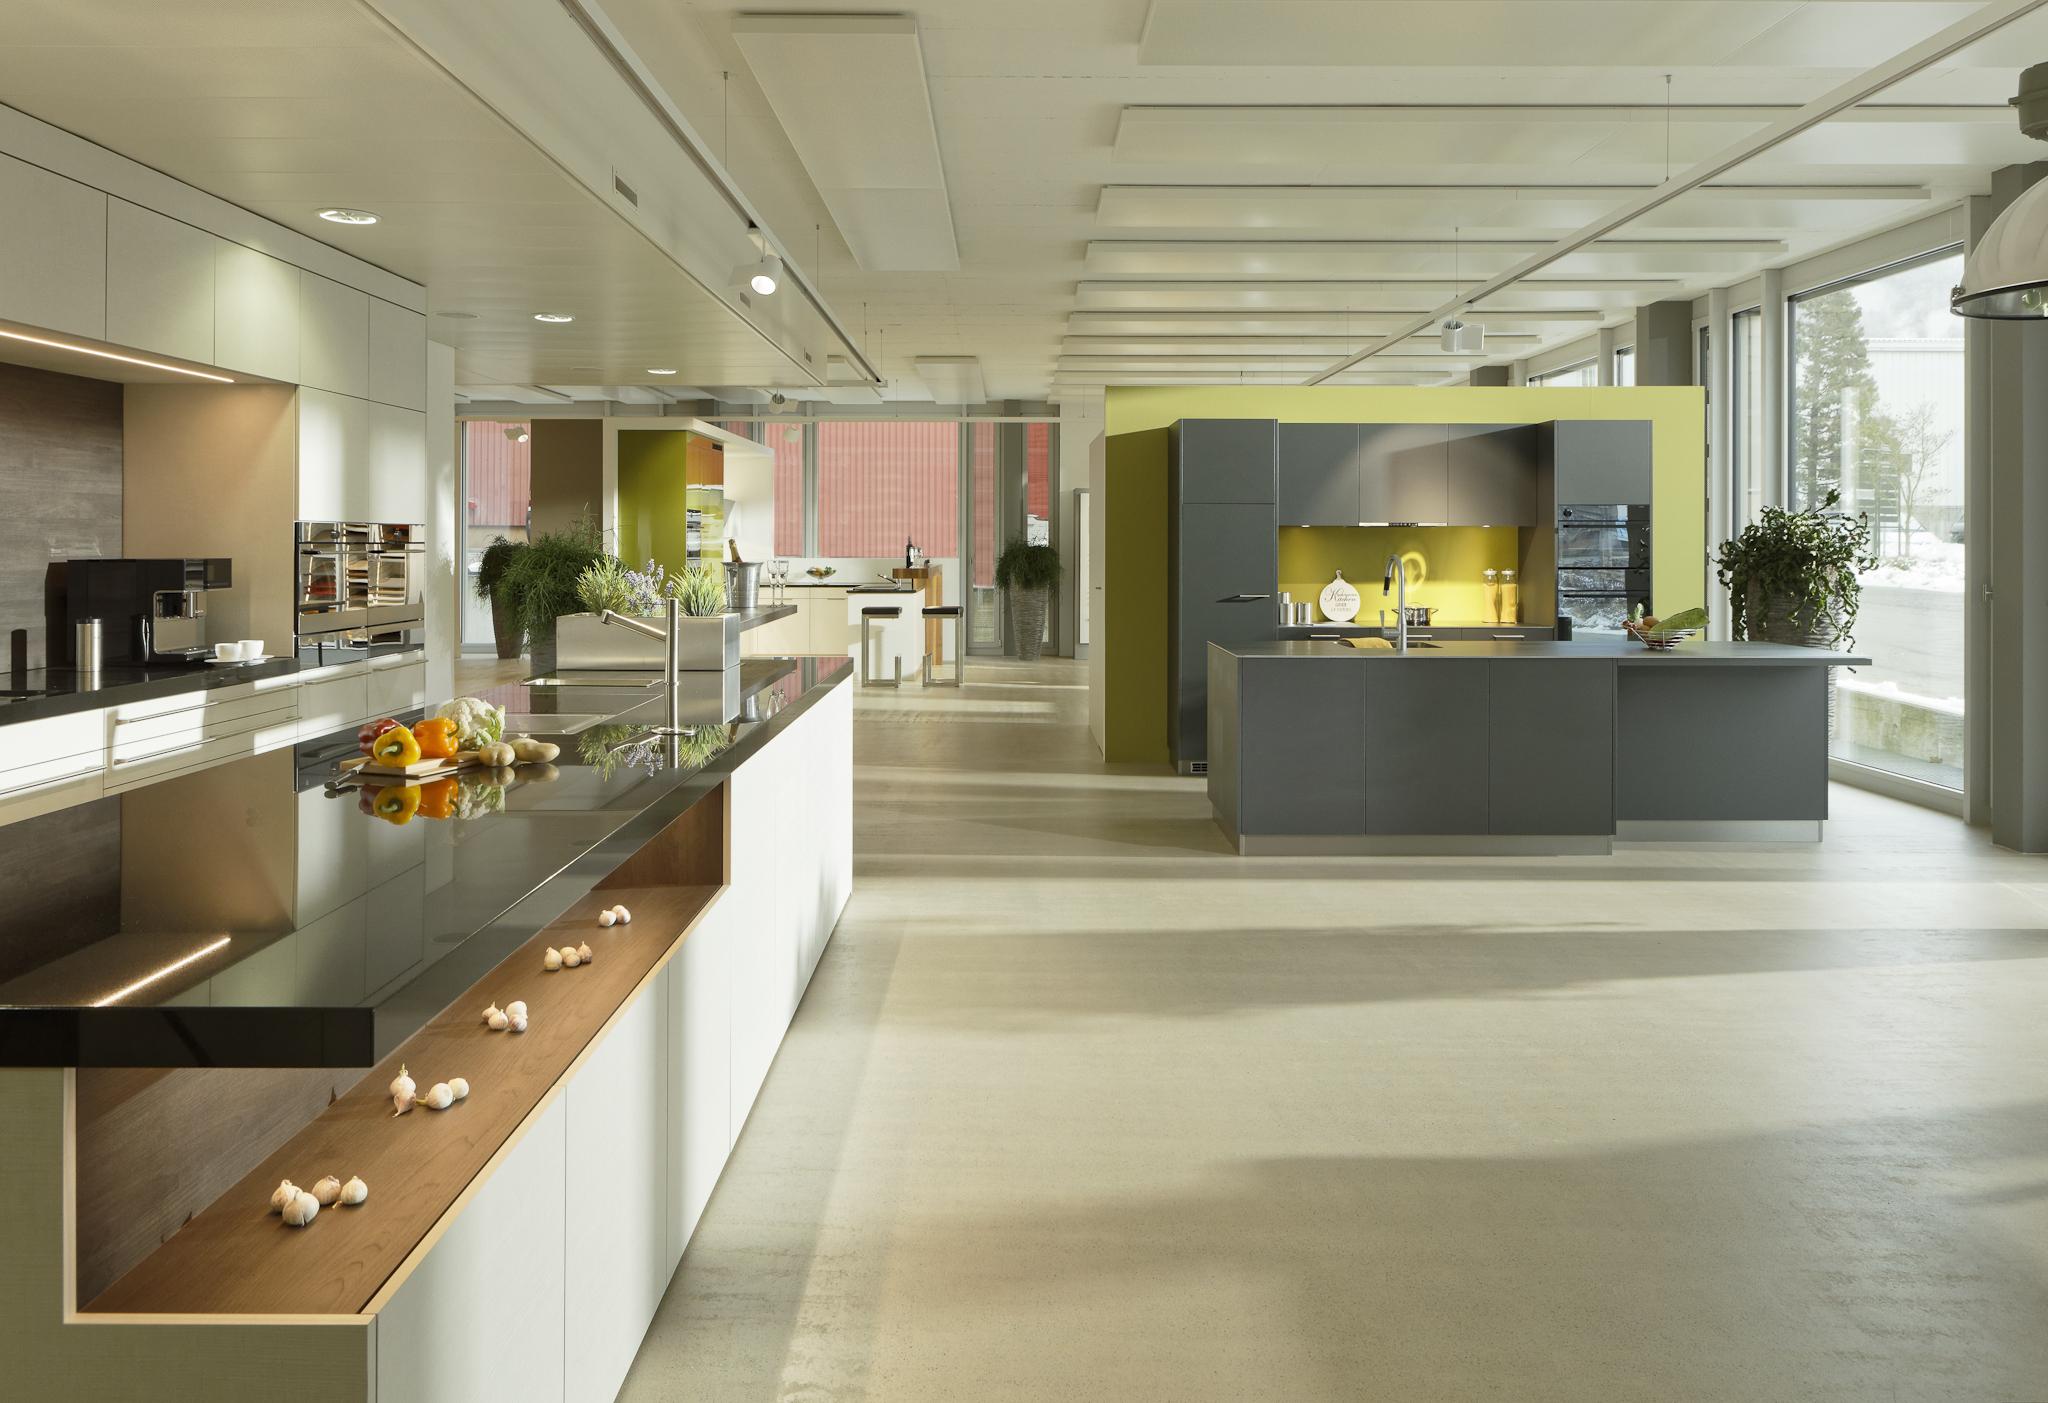 Schön Küchen 50 W Bilder - Küche Set Ideen - deriherusweets.info